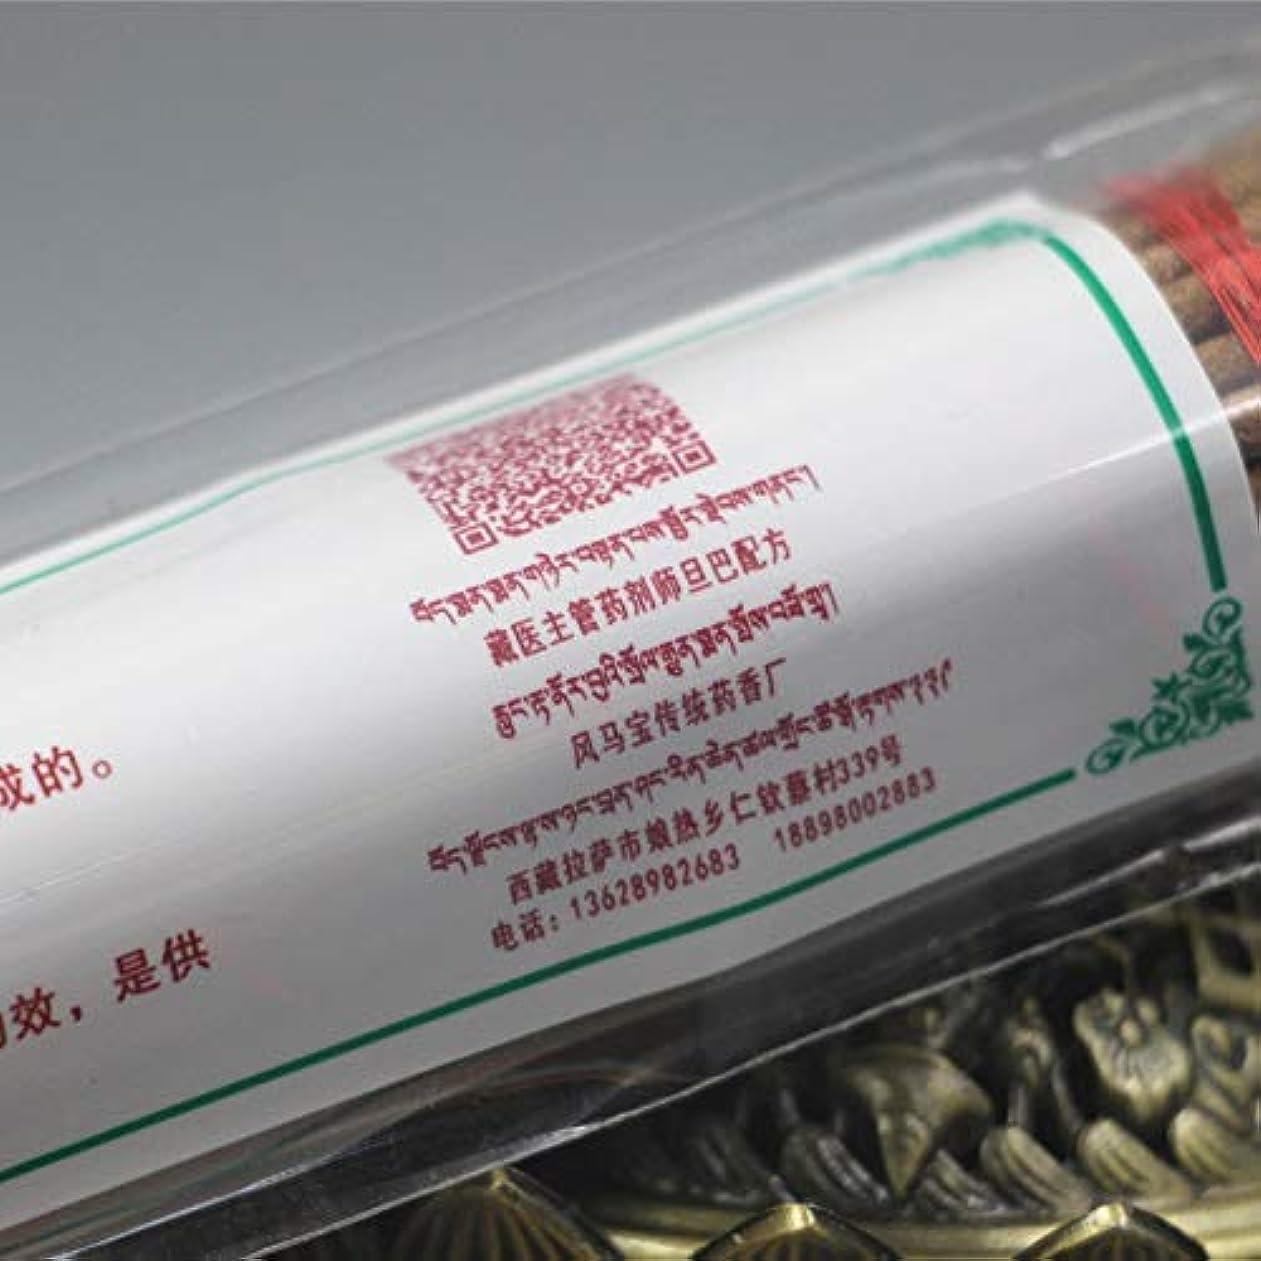 浅い即席悩みDiatems - 沈香の宝物チベットのお香チベット手作りの純粋な植物自然医学の香りの家の38人のフレーバーがスリープアロマ香の助けを落ち着かせます